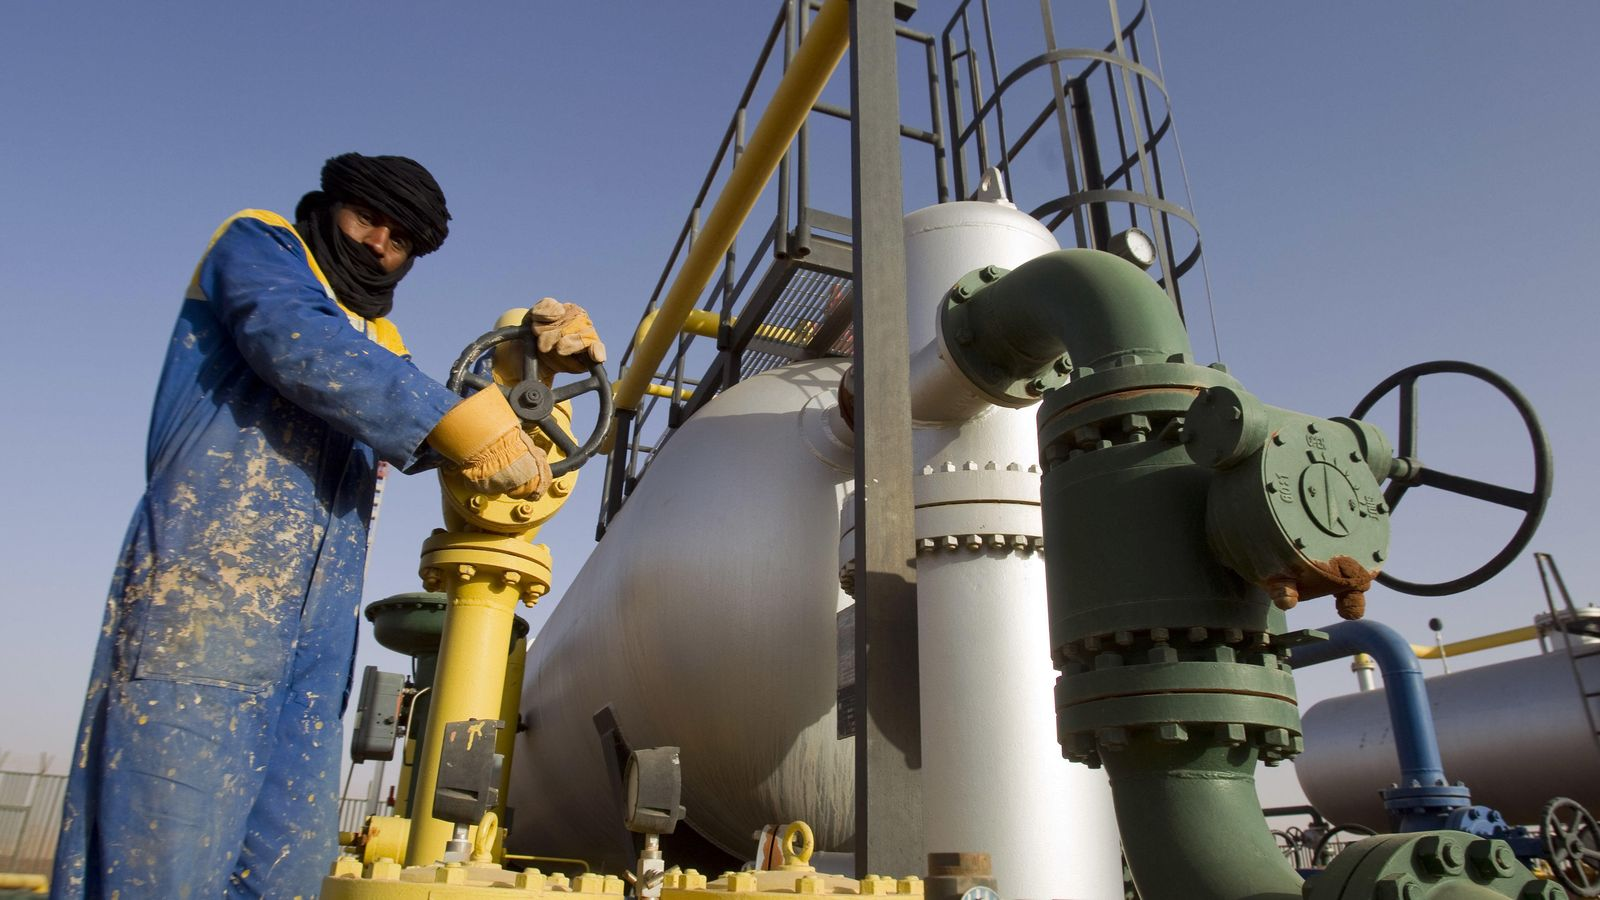 Foto: Un trabajador ajusta una tubería en el yacimiento de gas de Zarzaitine, en In Amenas, a 1.600 kilómetros al sureste de Argel (Reuters).